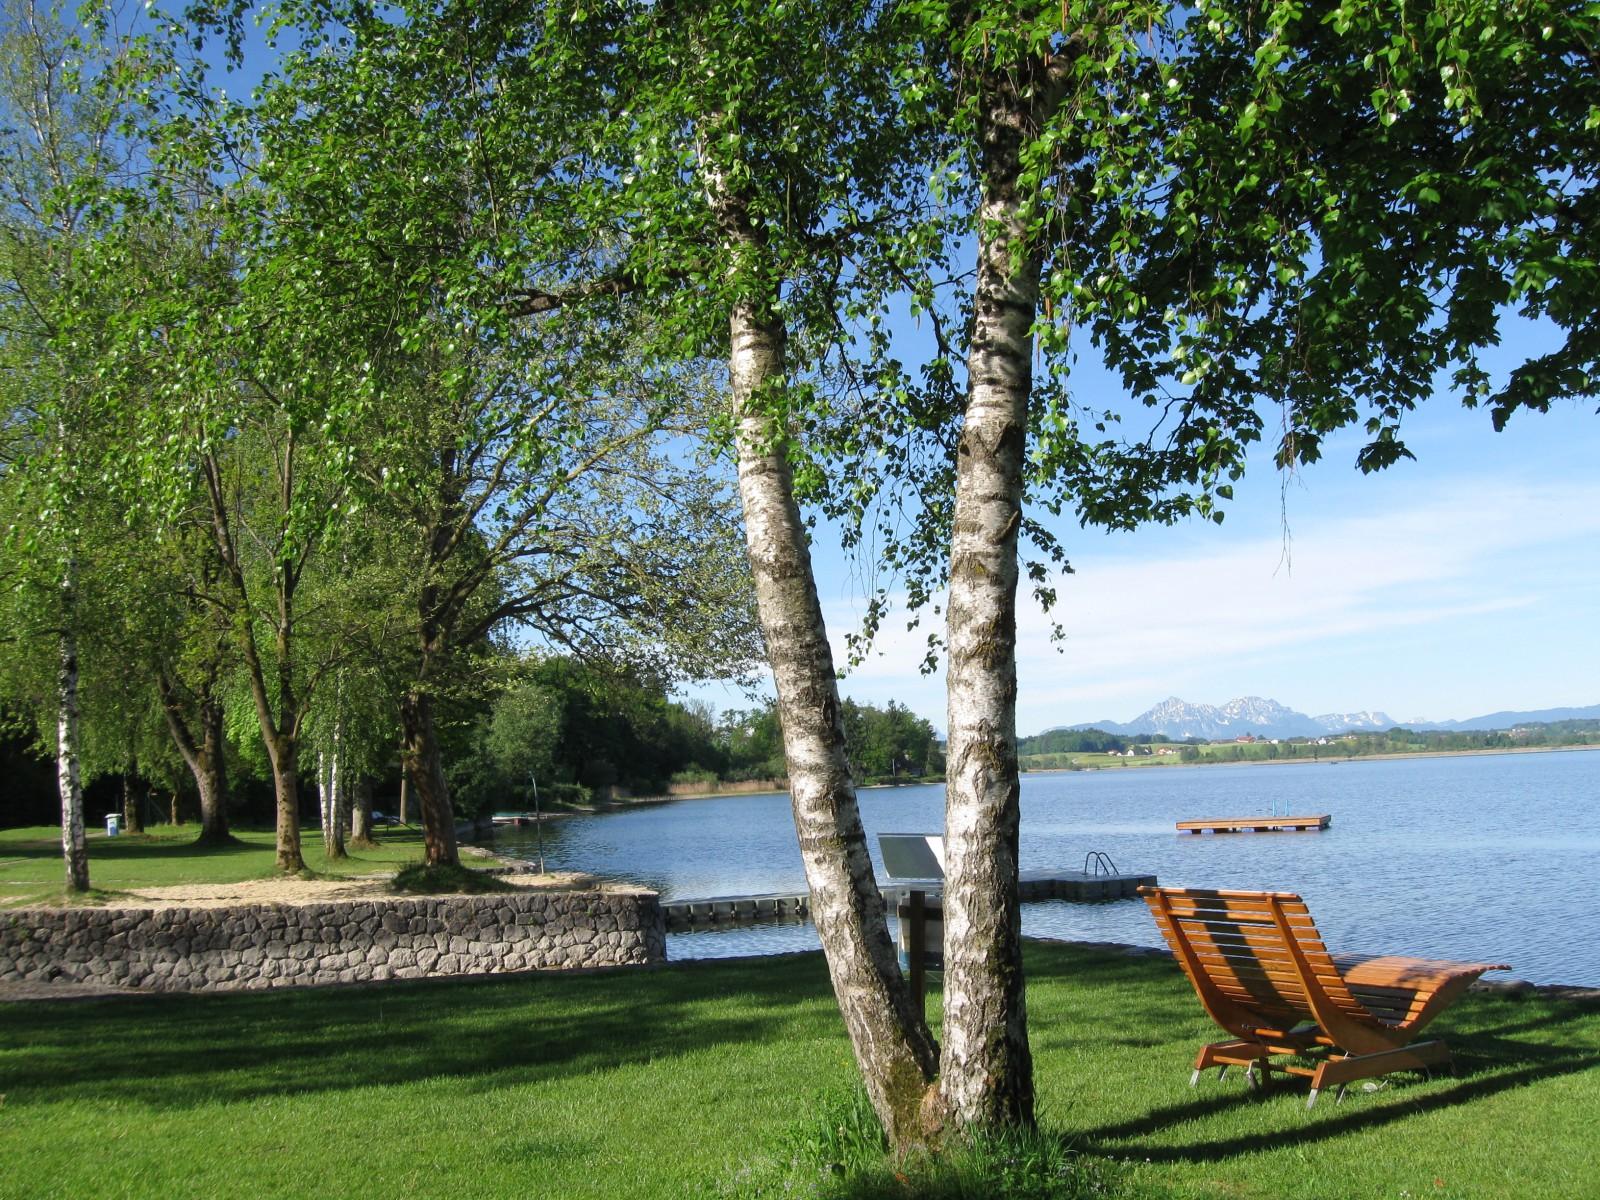 Malerisch: Das Seebad in Henndorf am Walllersee.